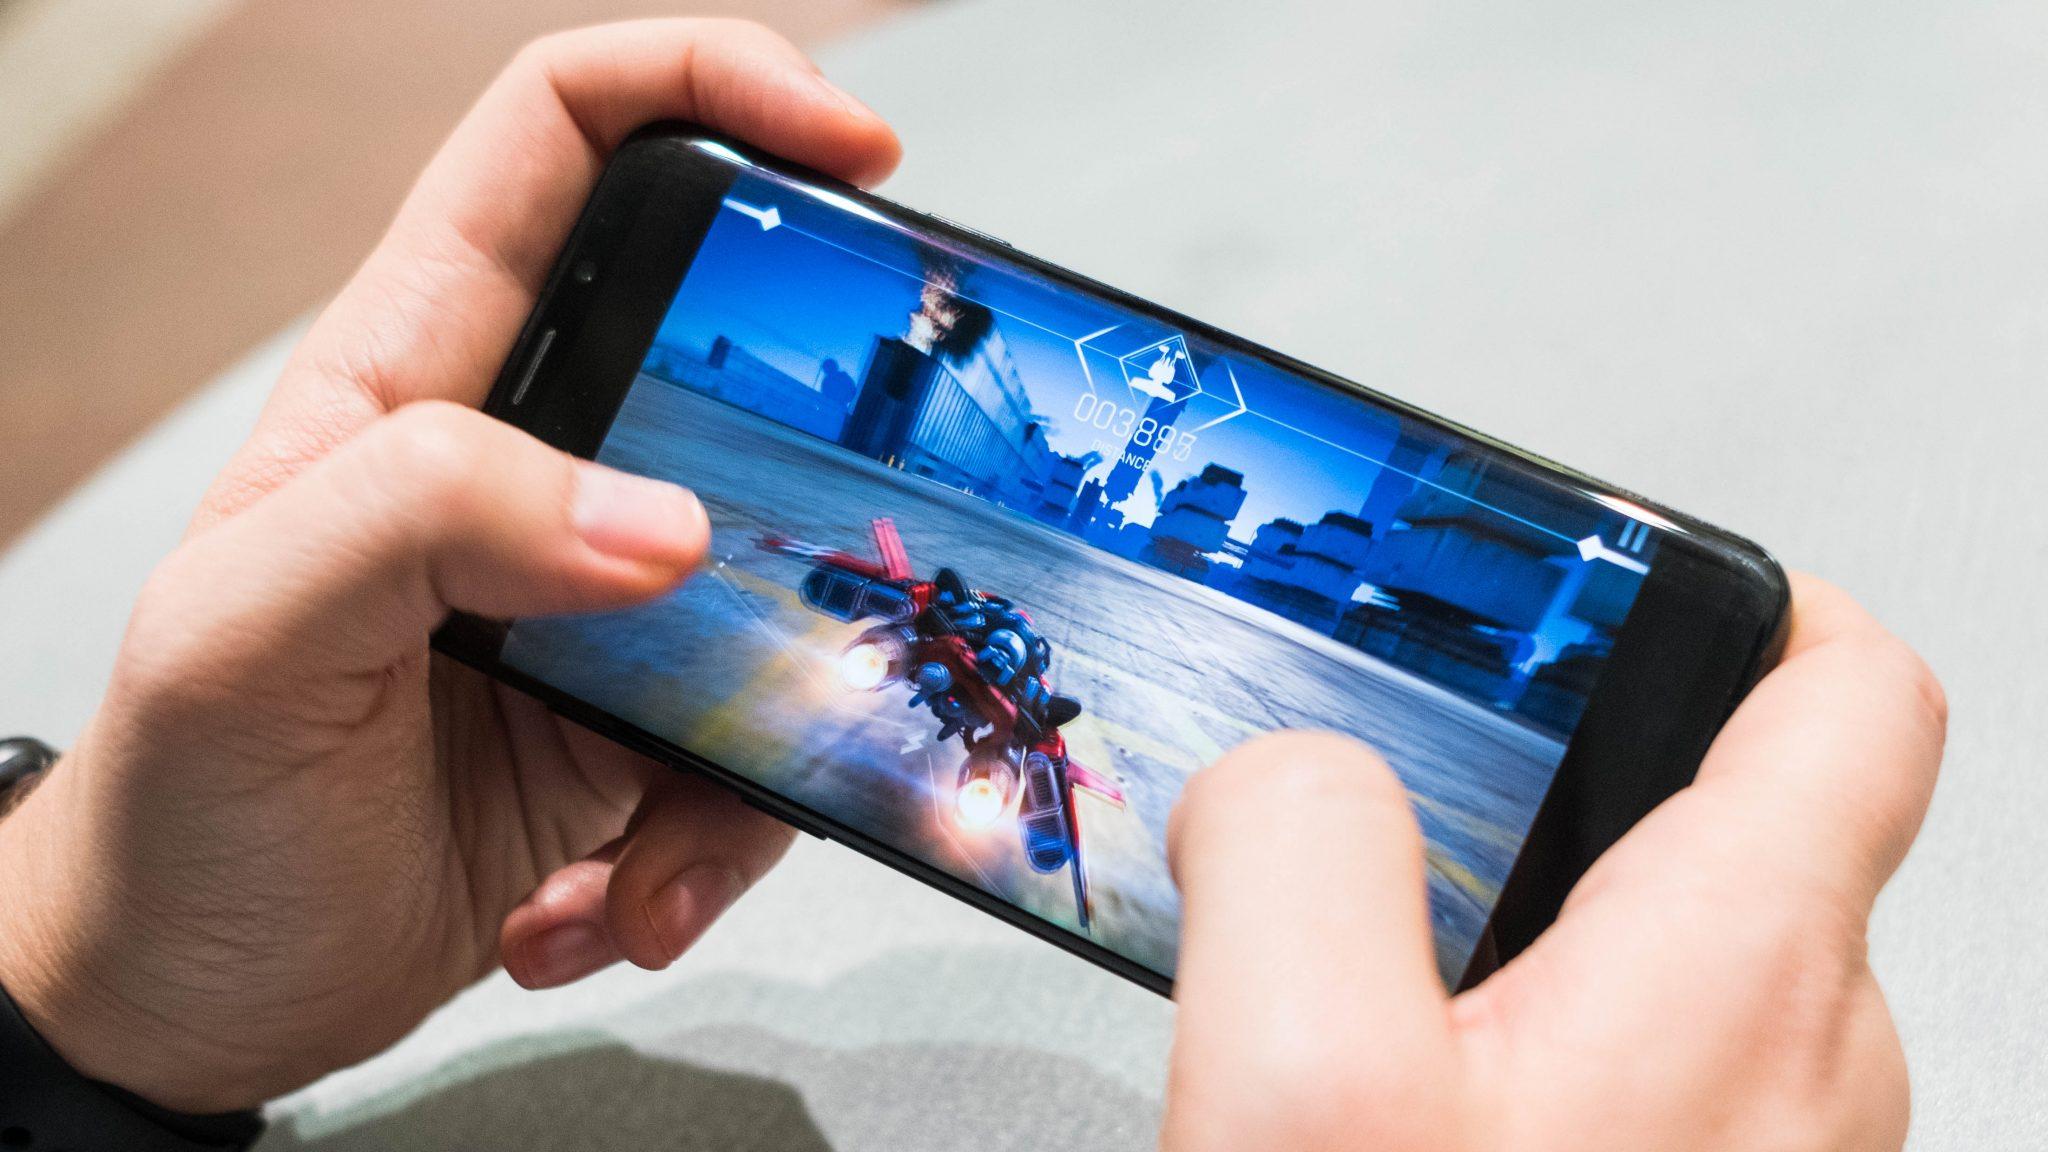 Spopola il mobile gaming: scelto dal 61% degli utenti secondo Deloitte